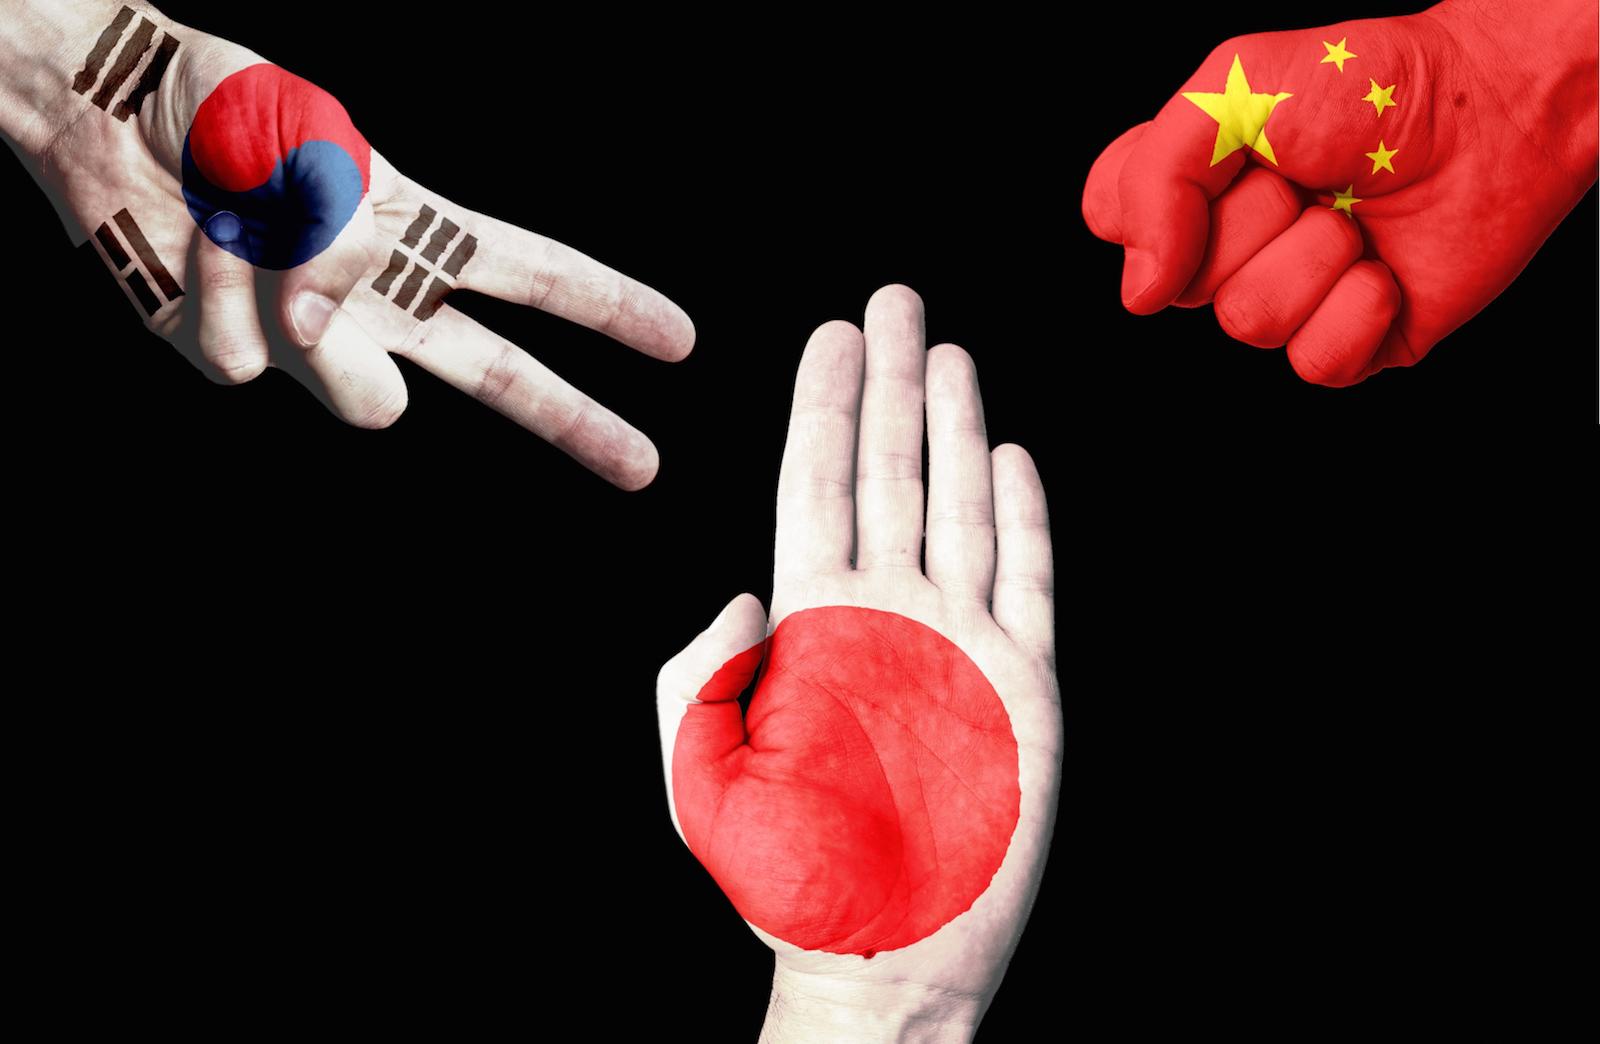 雅虎日本正準備推出加密貨幣兌換服務